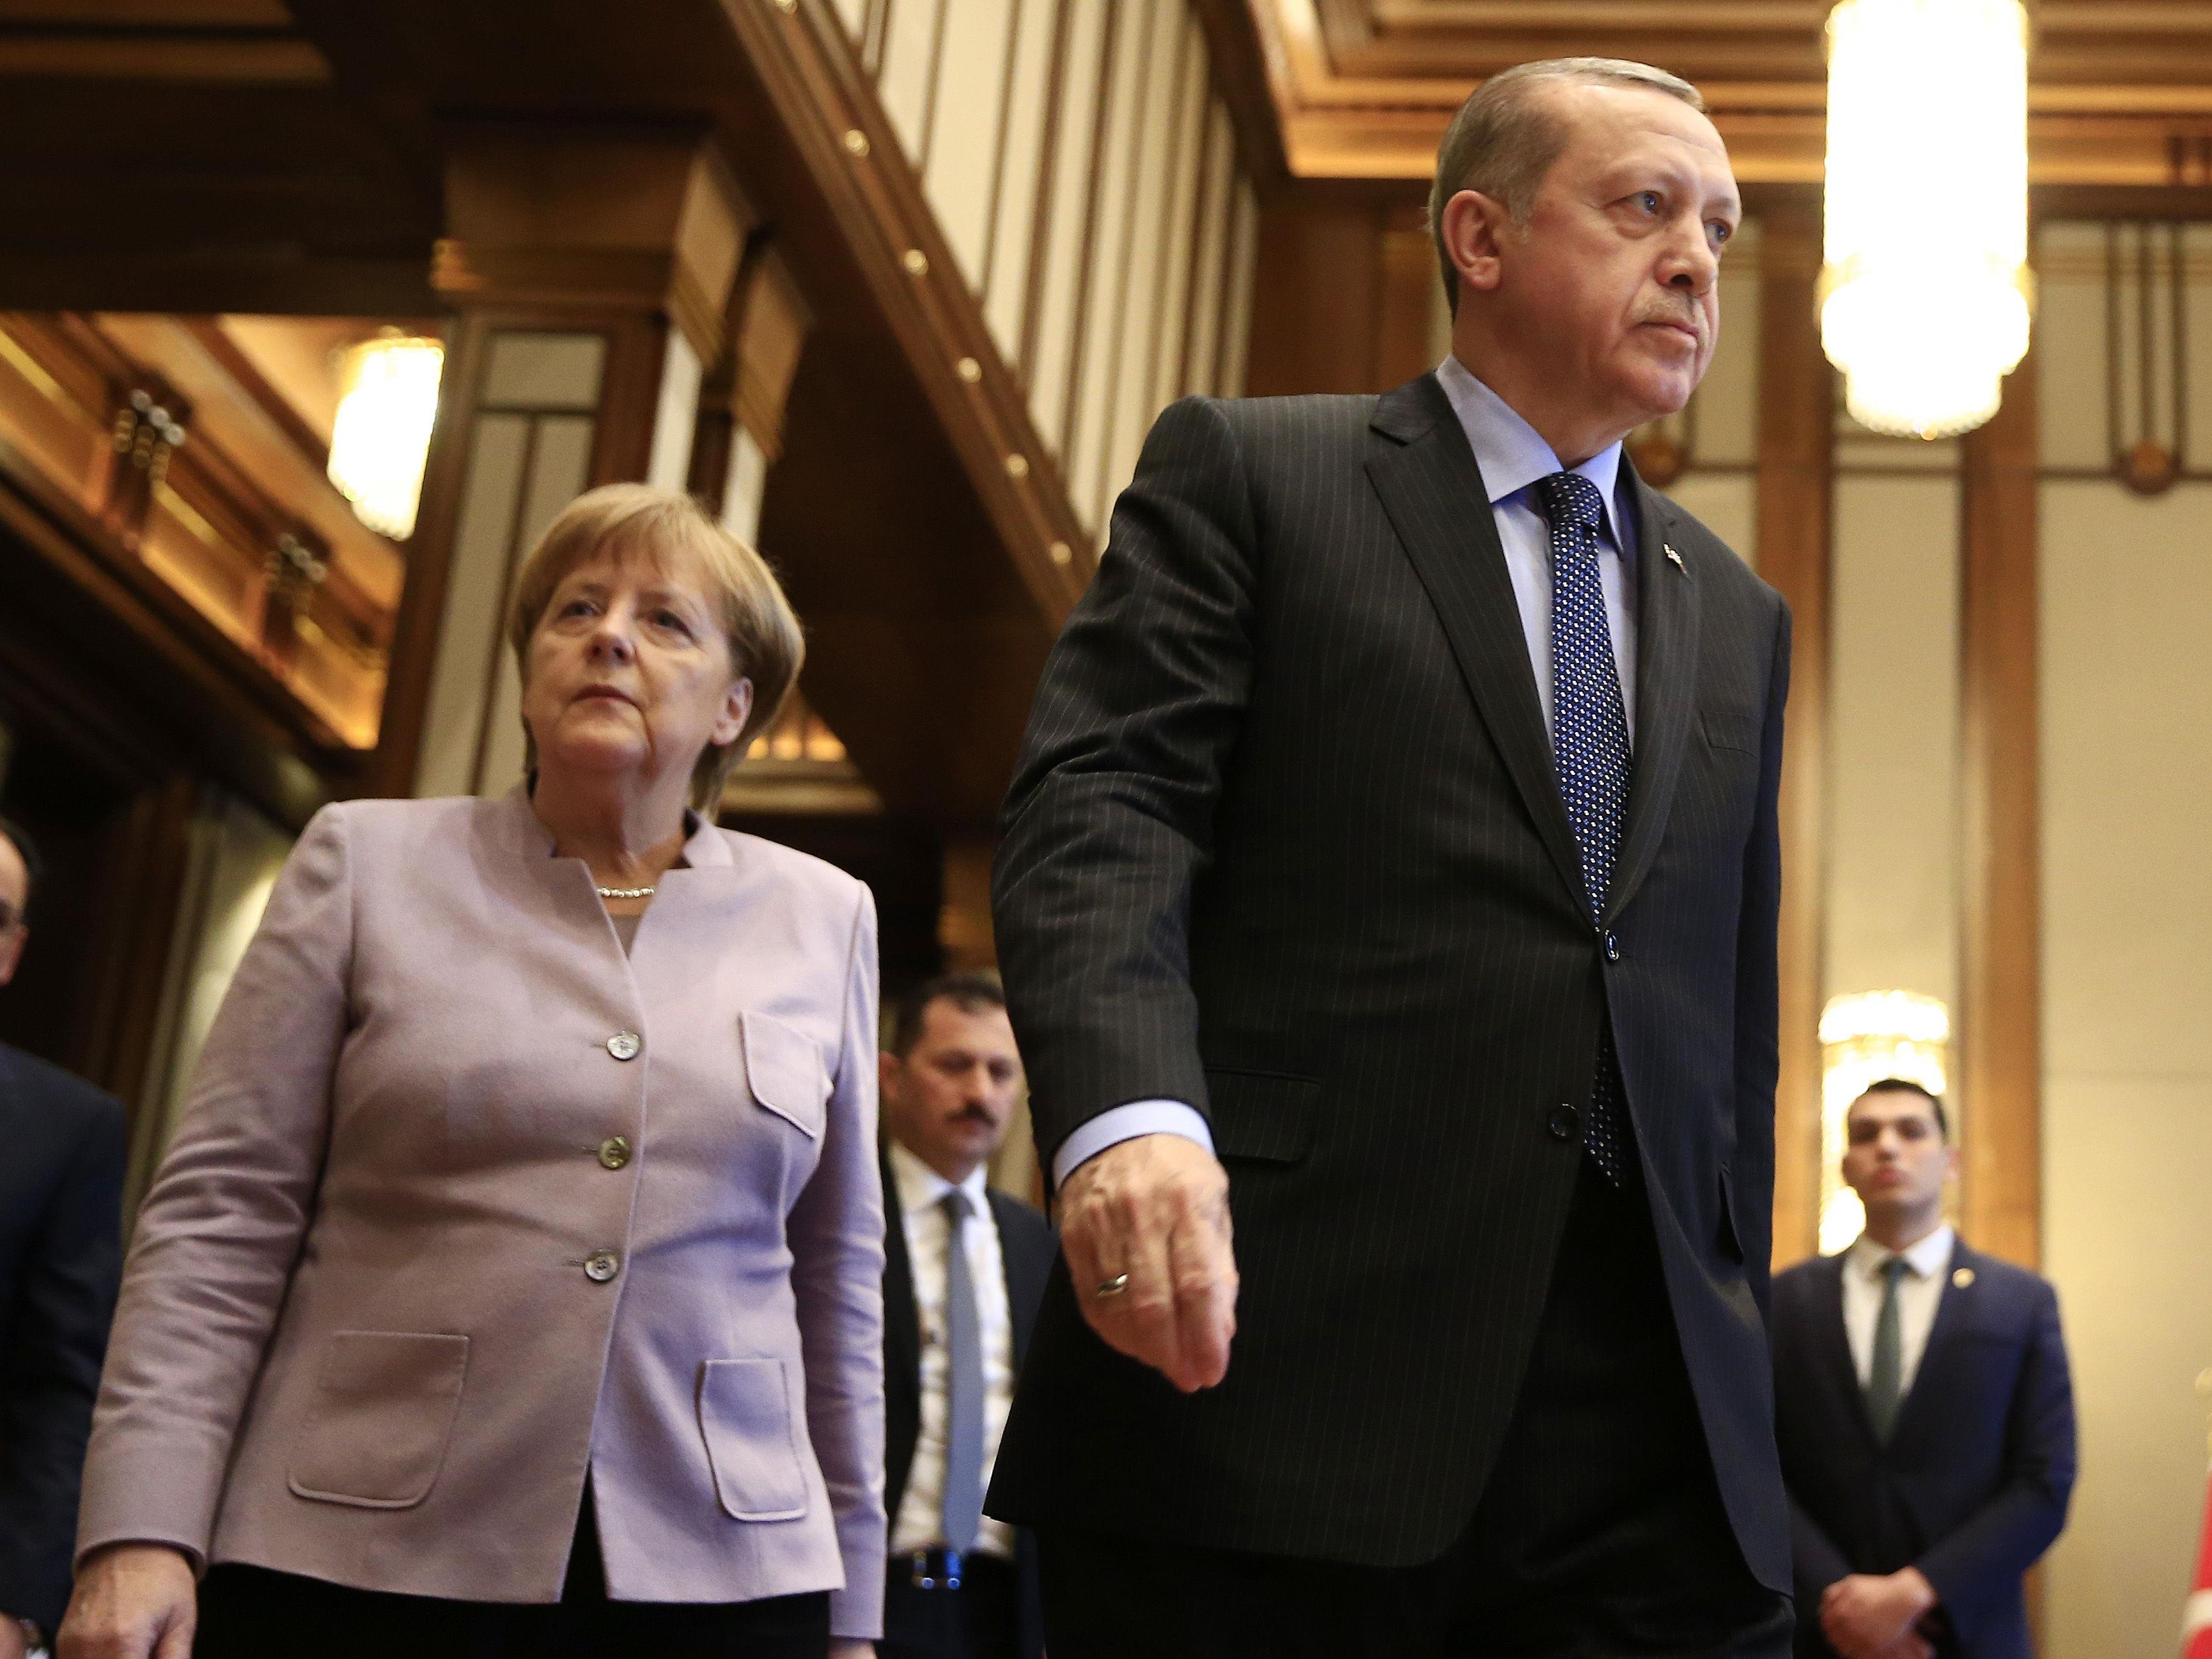 Zu Wochenbeginn hatte Präsident Recep Tayyip Erdogan die deutsche Bundeskanzlerin Angela Merkel direkt persönlich angegriffen und ihr vorgeworfen, Terroristen zu unterstützen.